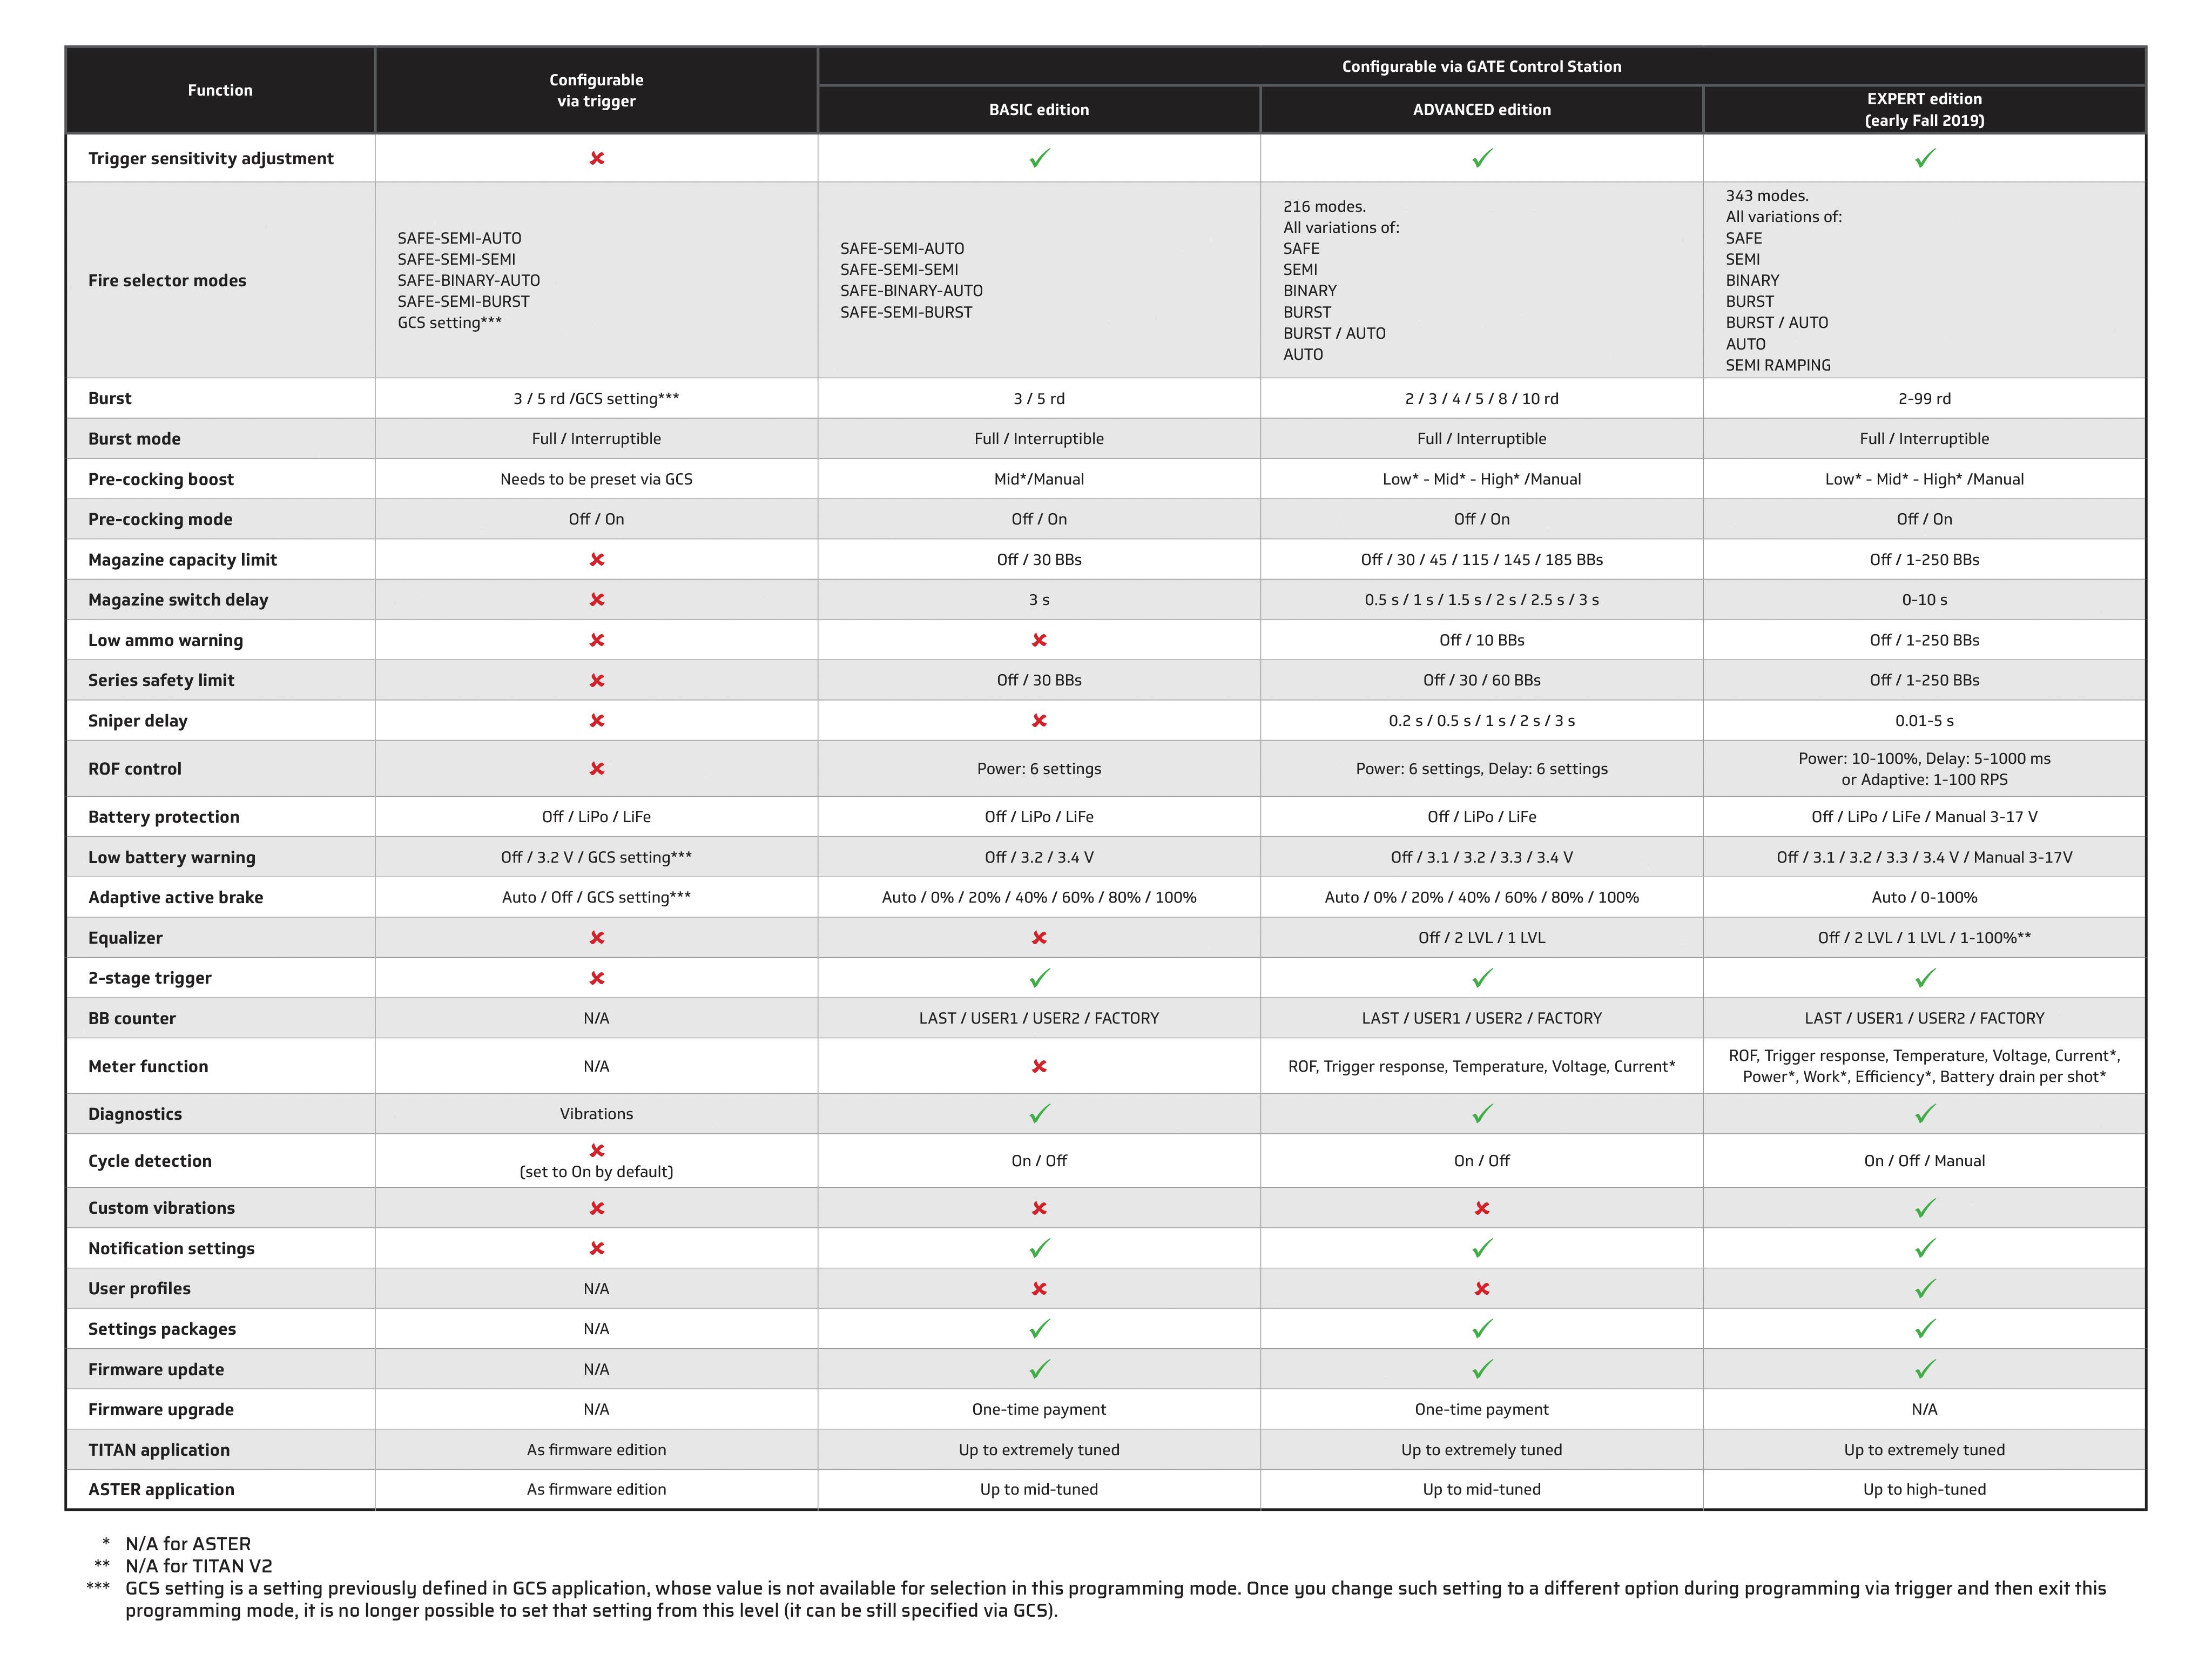 Edition comparison